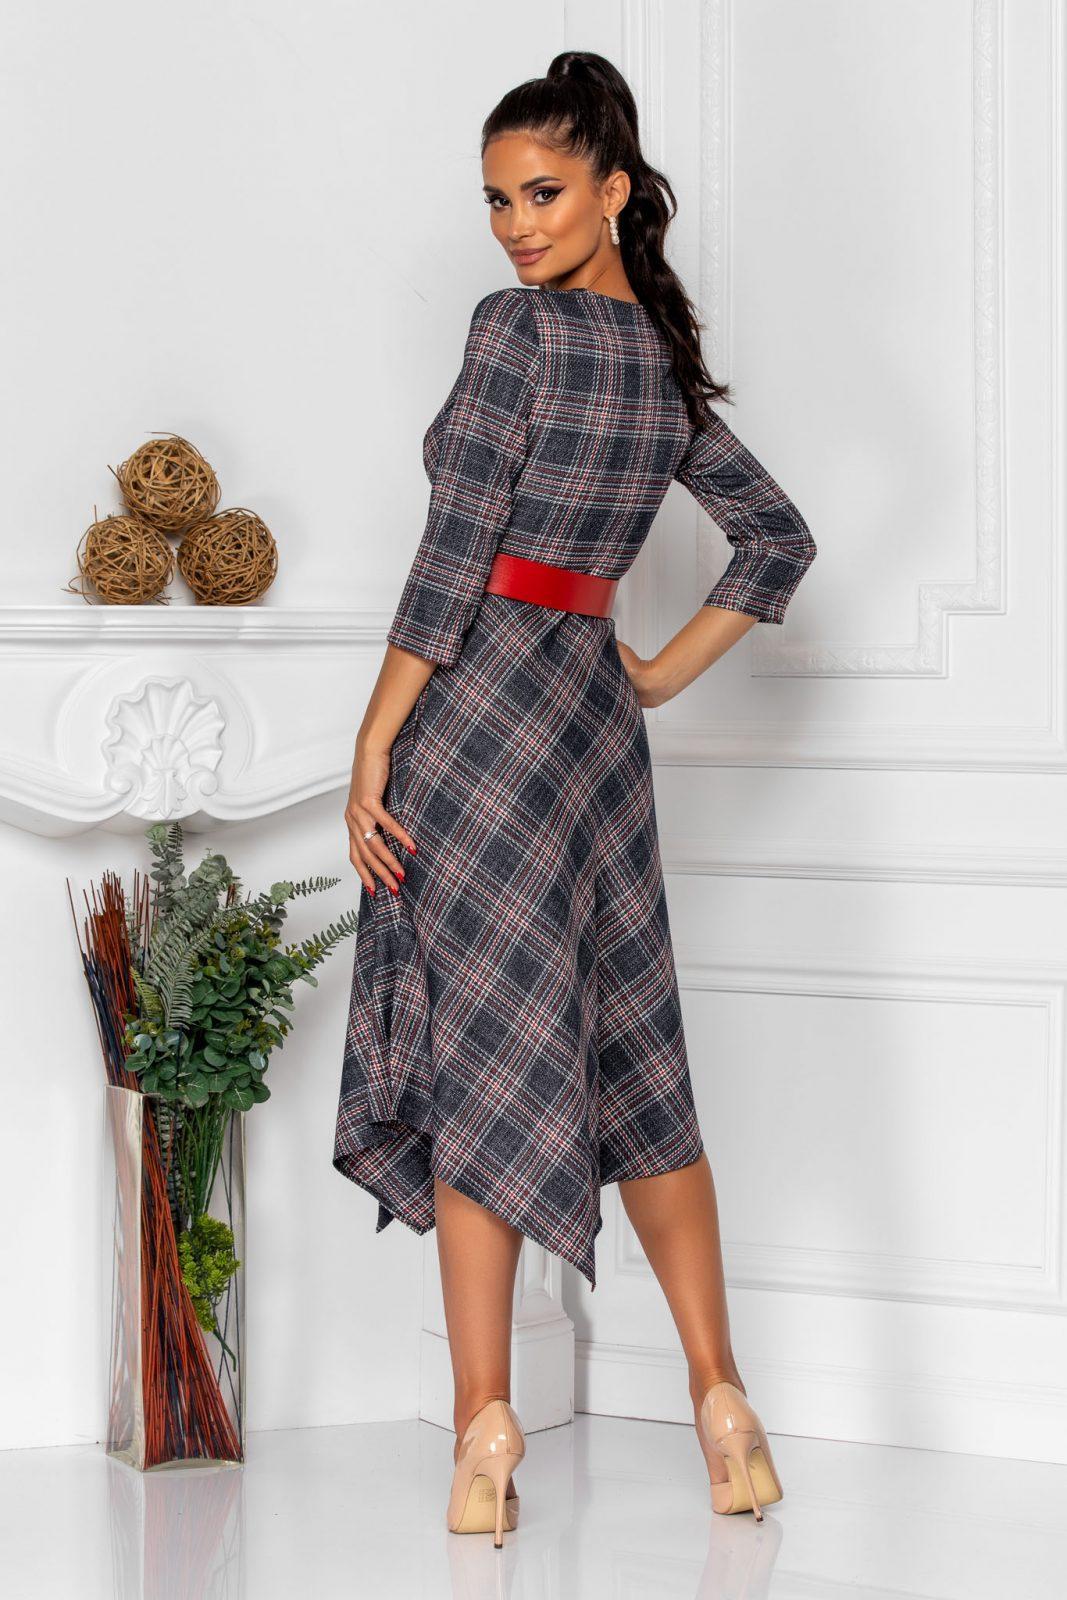 Καρό Φόρεμα Με Κόκκινη Ζώνη Rinny 8336 1